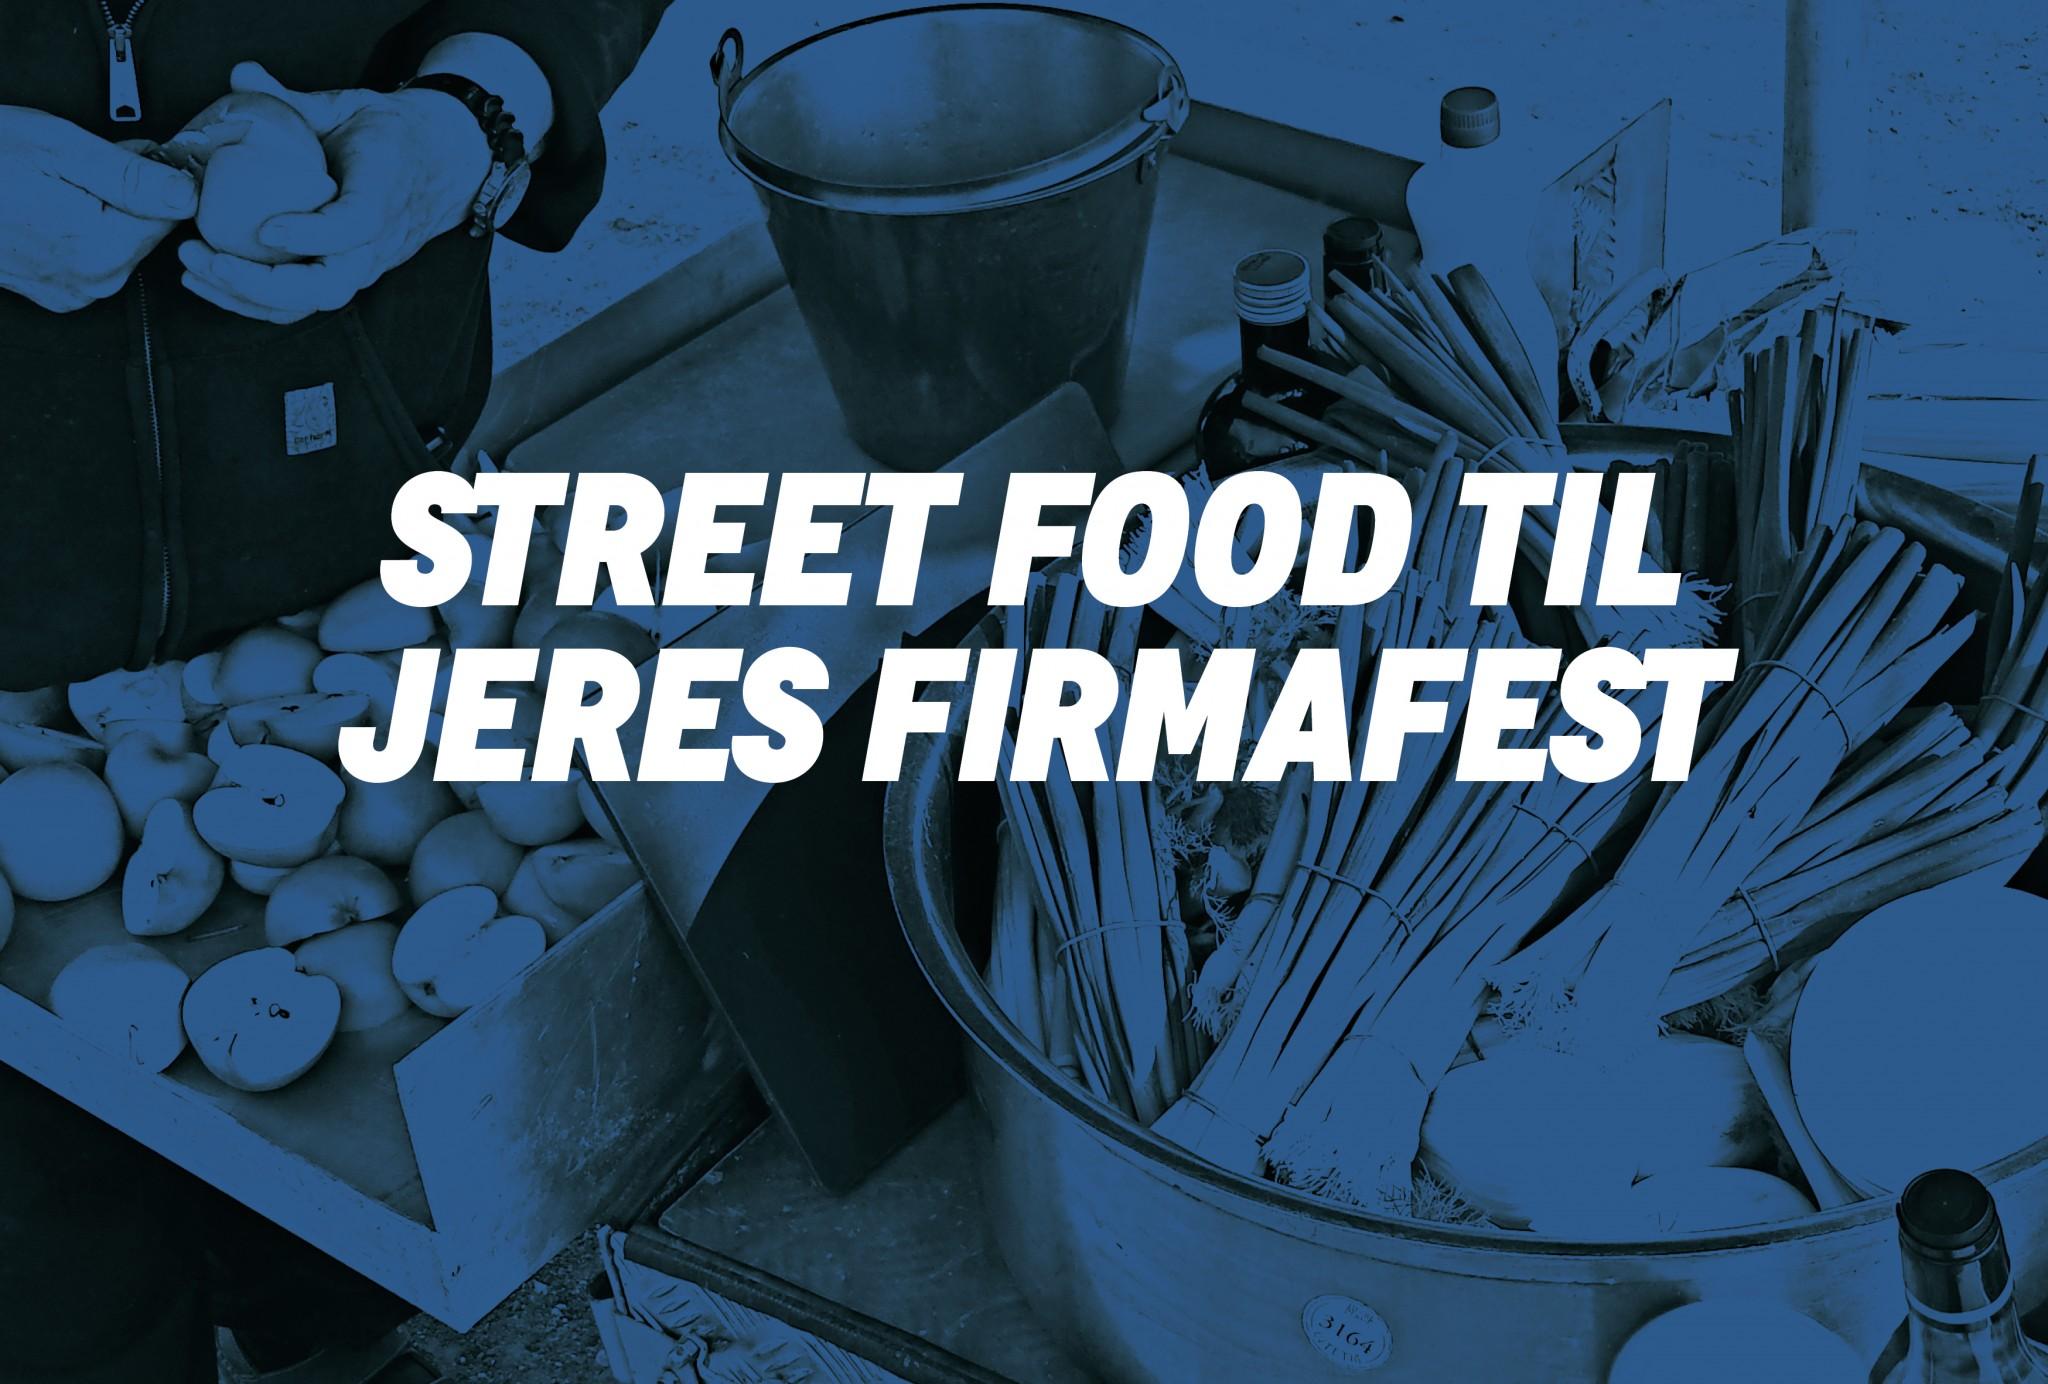 Rebel Food leverer street food til alle typer arrangementer, hvad end det er firmafester, workshops, festivaller, firmajulefrokost, firmafrokost